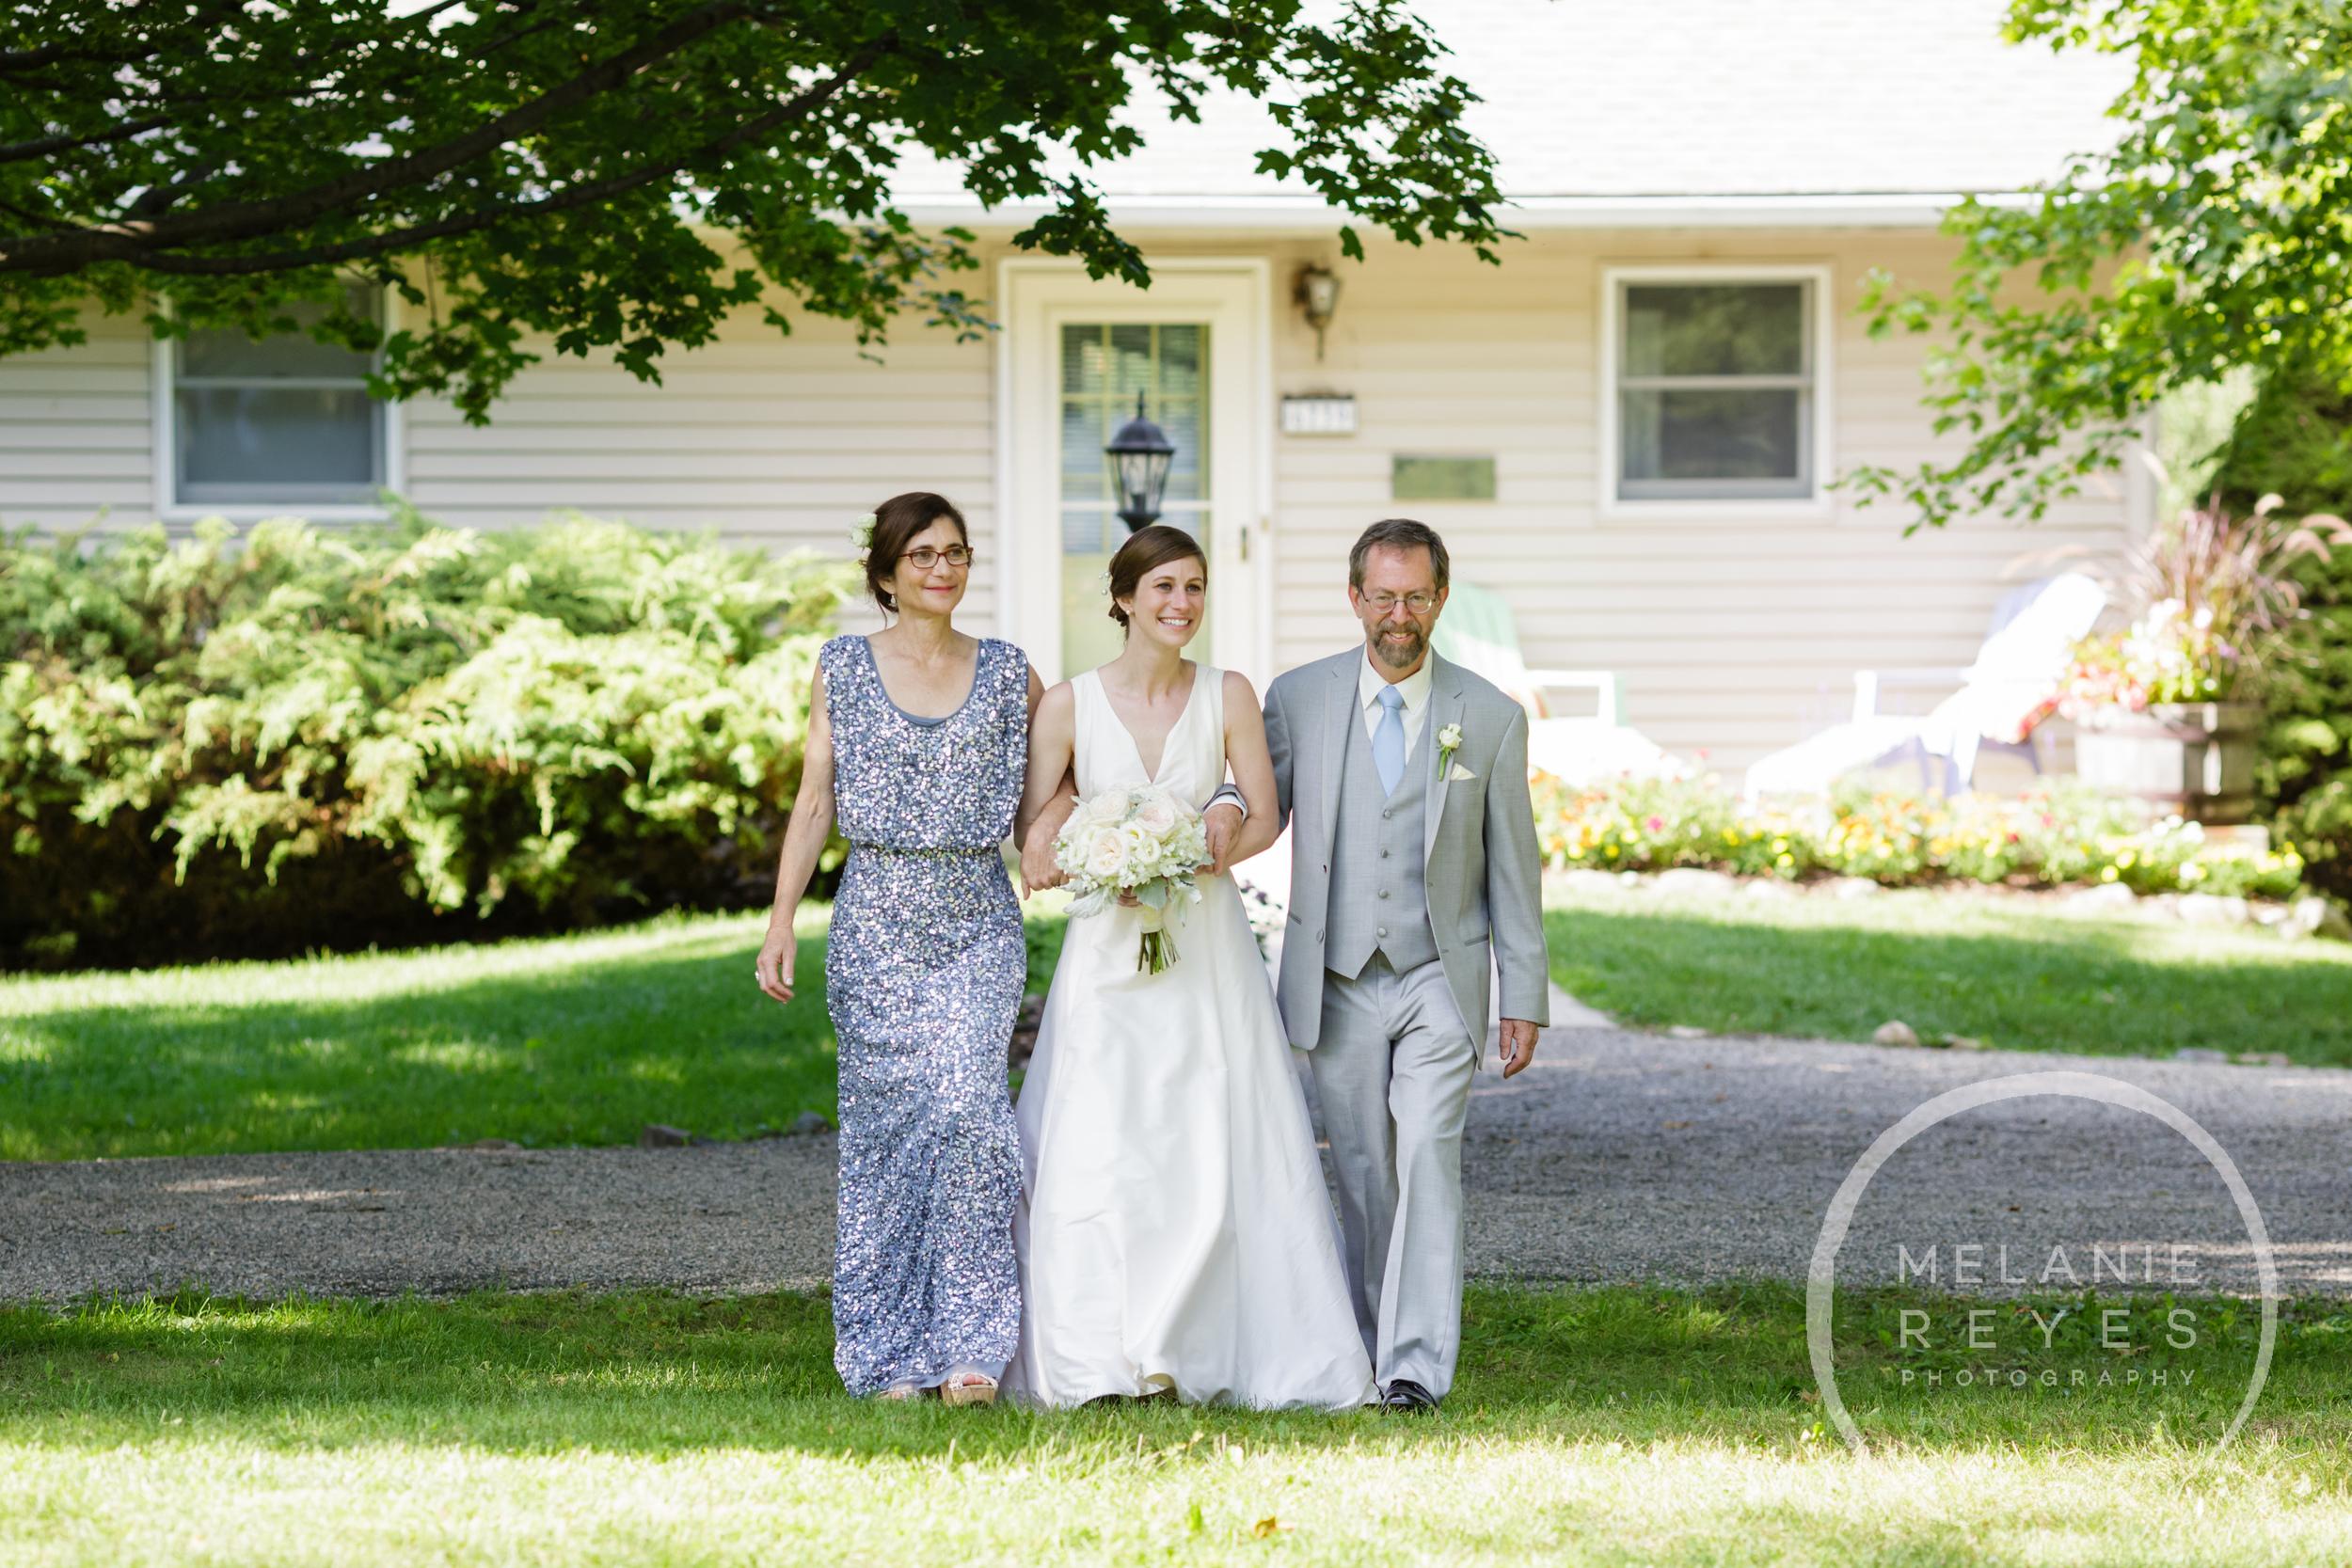 042_farm_wedding_melanie_reyes.JPG